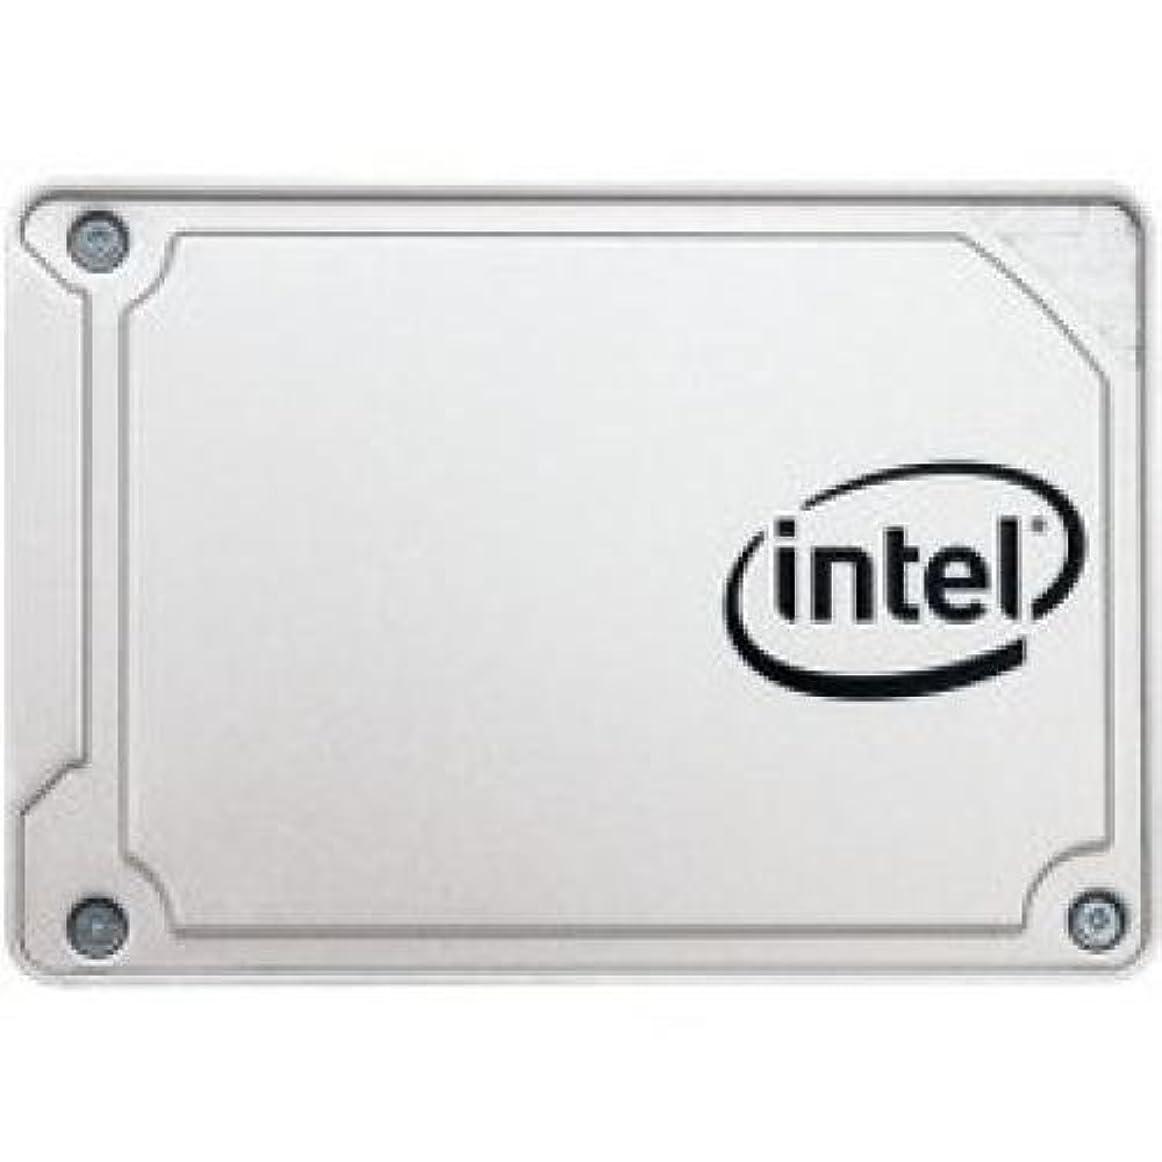 侵略泥棒宝Intel SSD SSDSC2KF256G8X1 5450s 2.5 256GB SATA 6Gb s 3D2 TLC Single Pack RTL [並行輸入品]